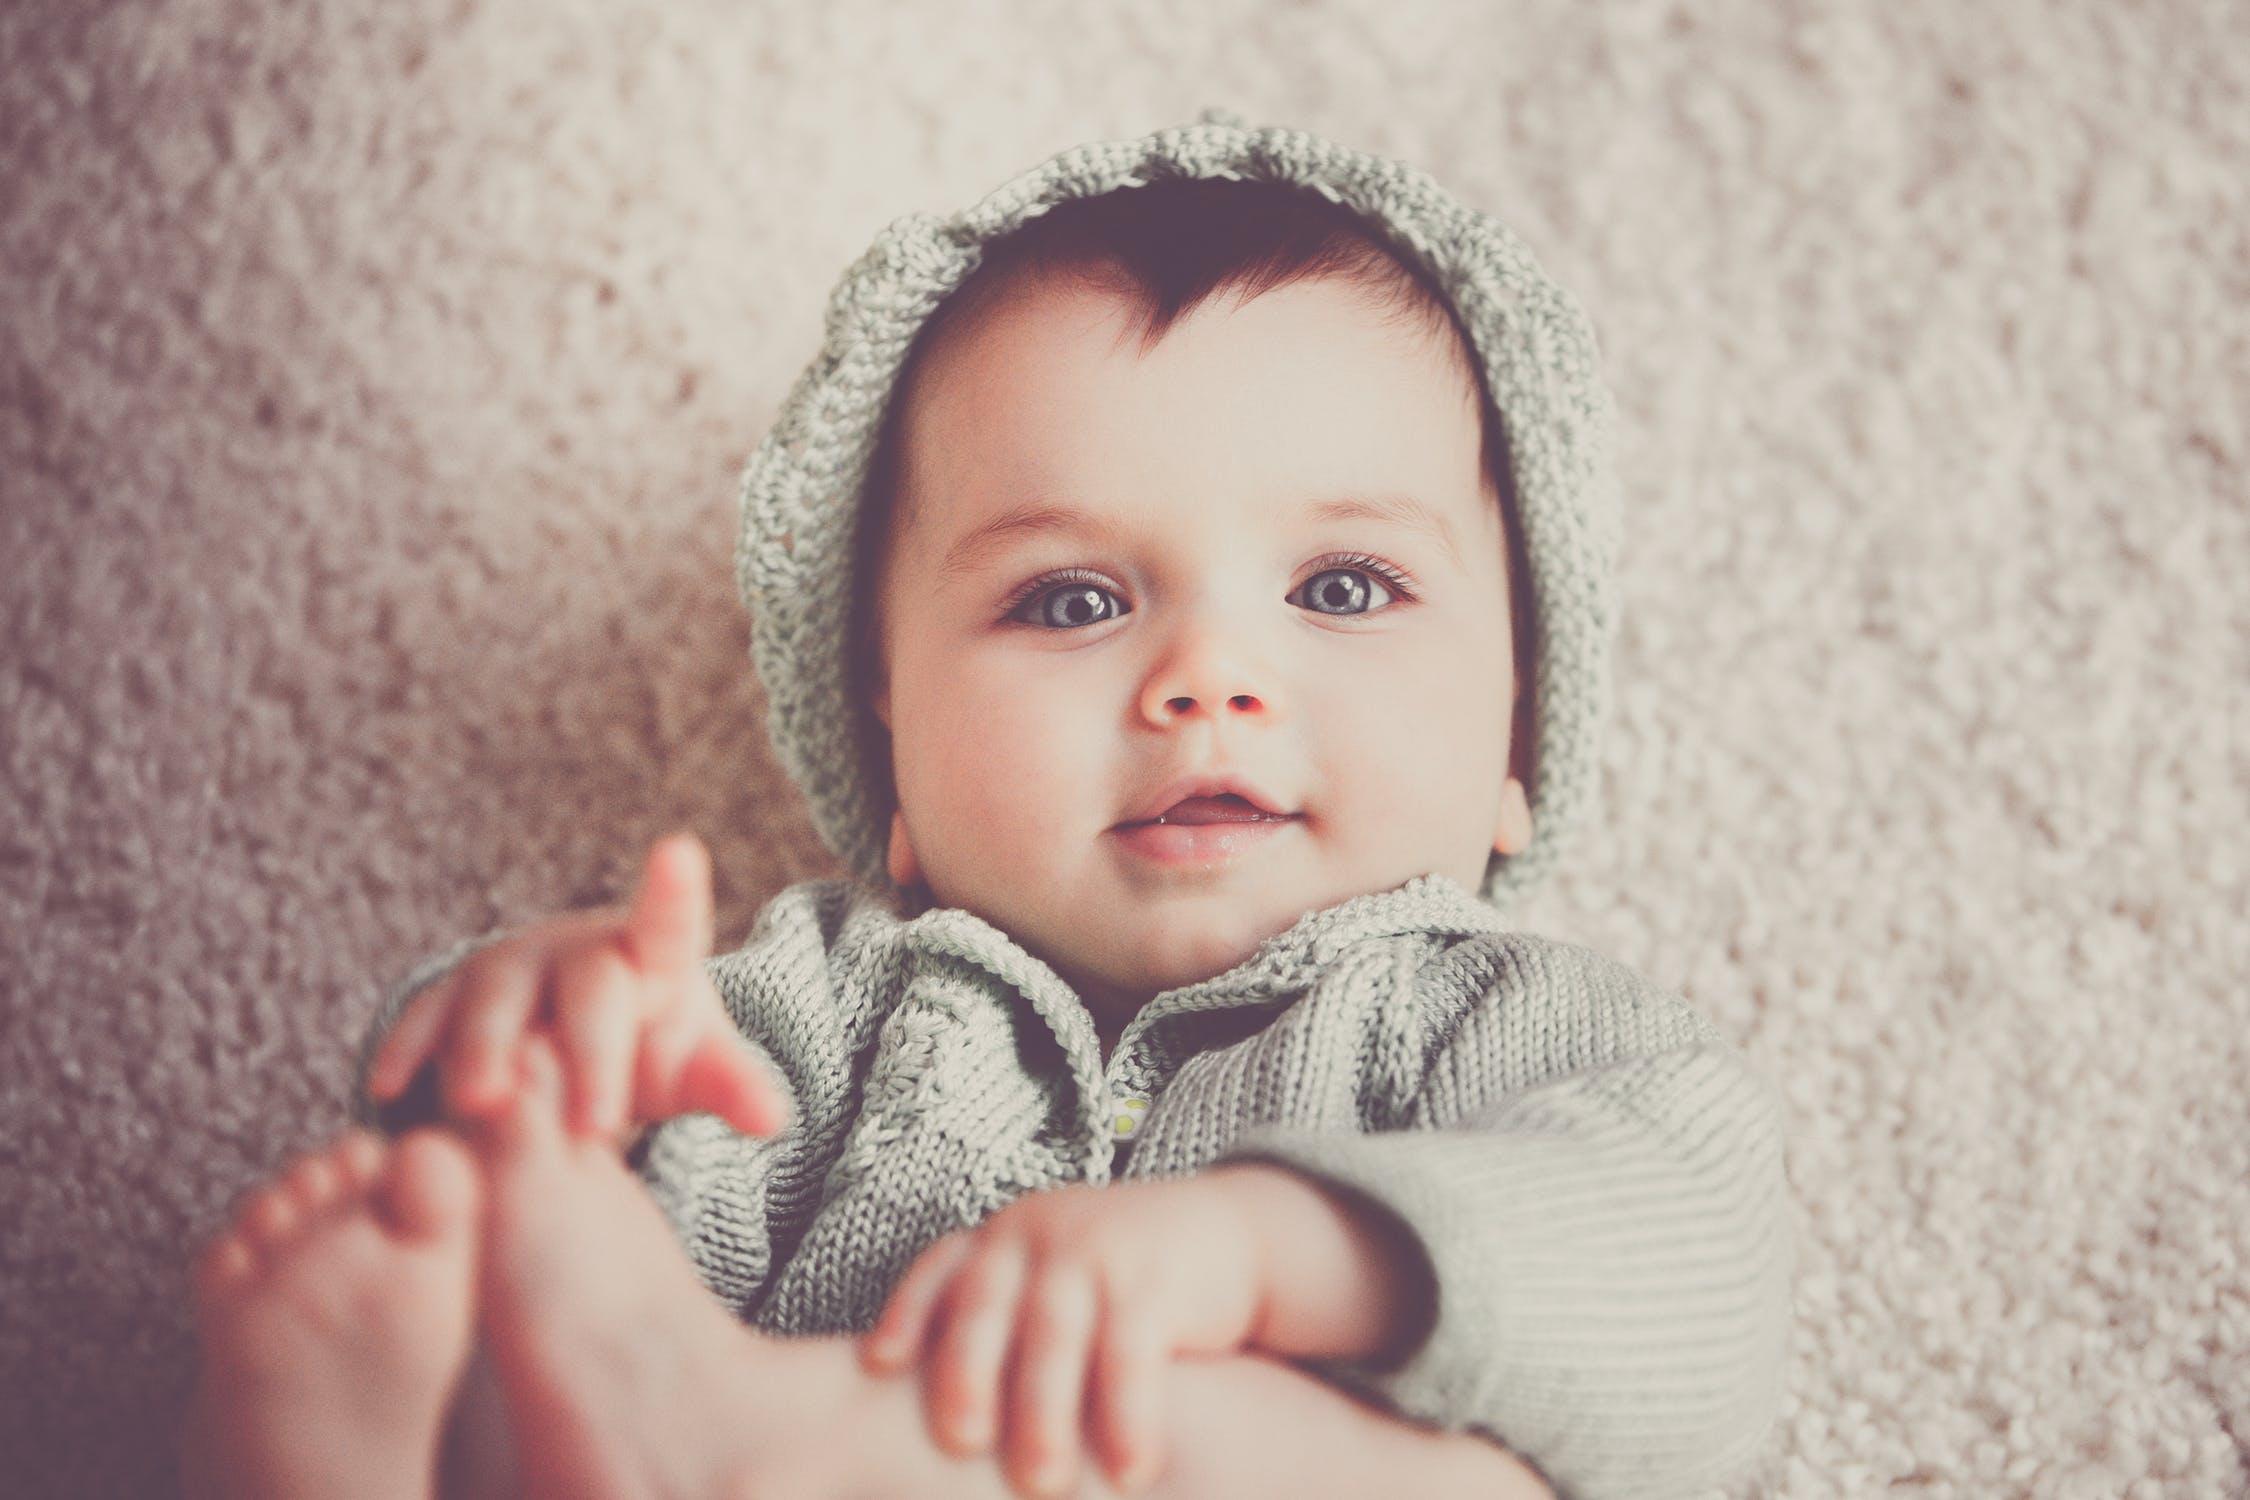 Avanceret Find den perfekte gave barnedåb - Fitness, Livsstil, Opskrifter og ZU57